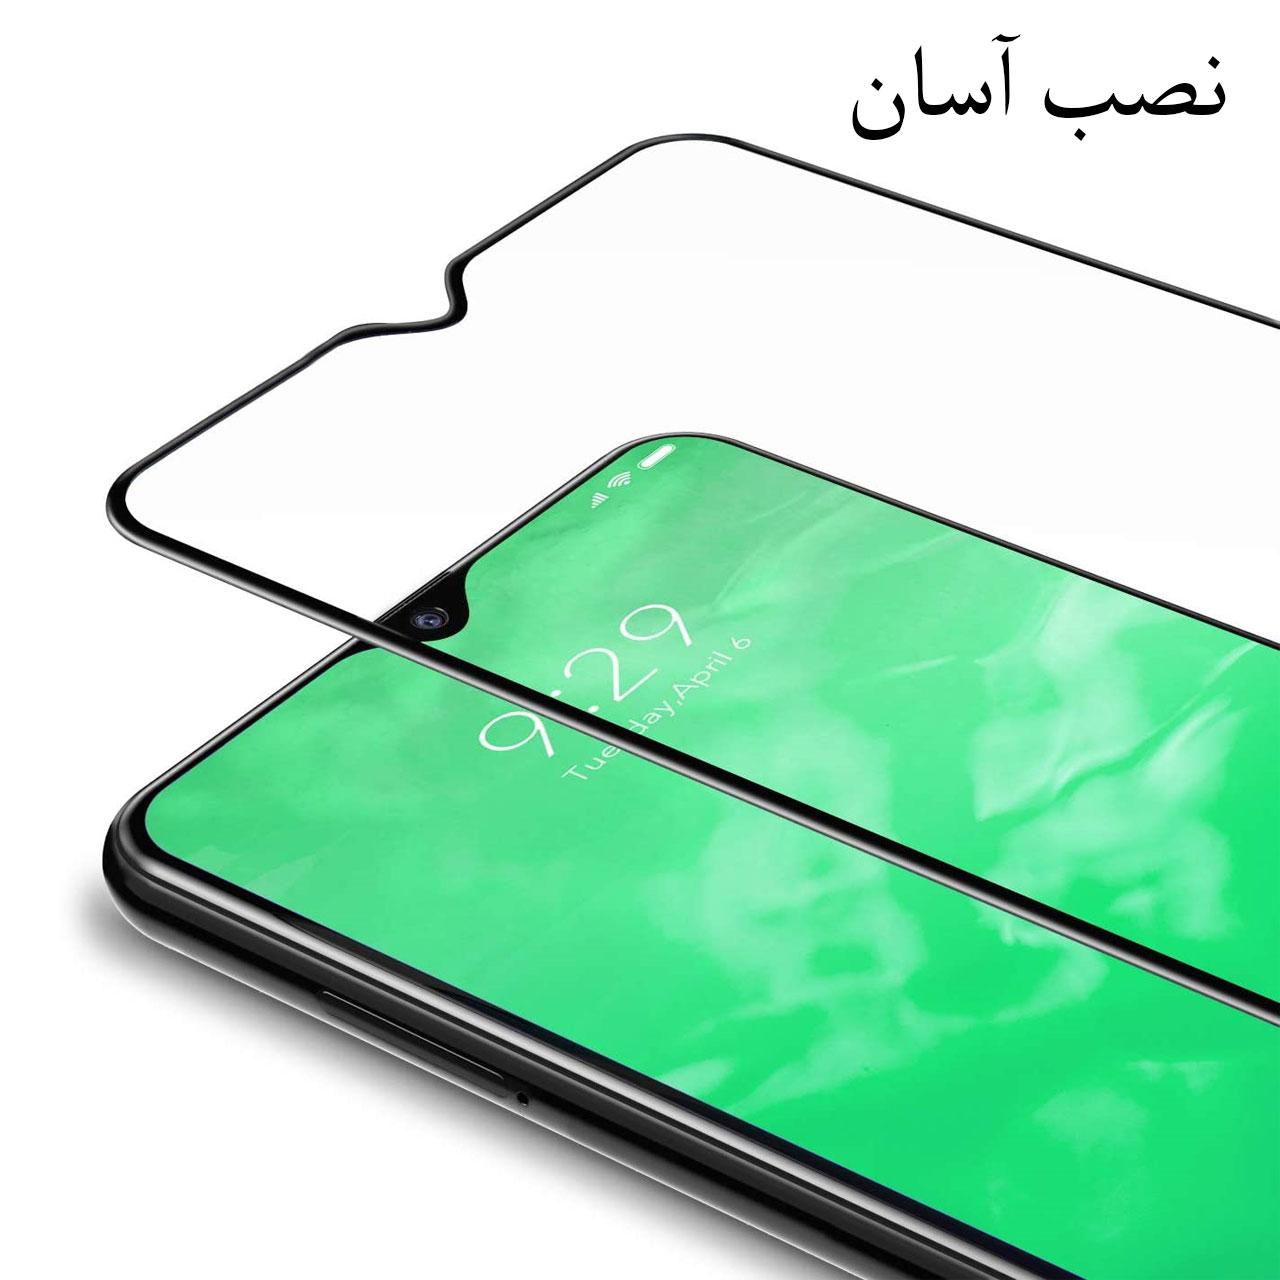 محافظ صفحه نمایش مدل FCG مناسب برای گوشی موبایل شیائومی Mi 10 Lite 5G main 1 3